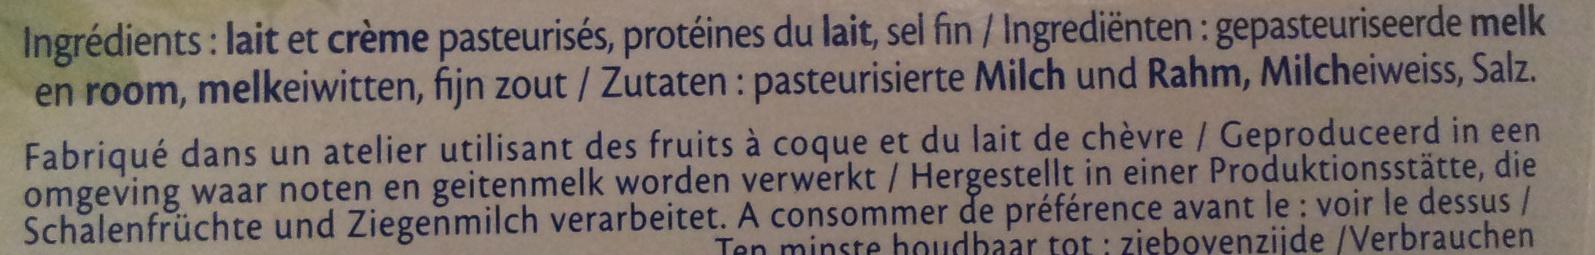 Le Goût Primeur (17,5 % MG) - Ingrédients - fr